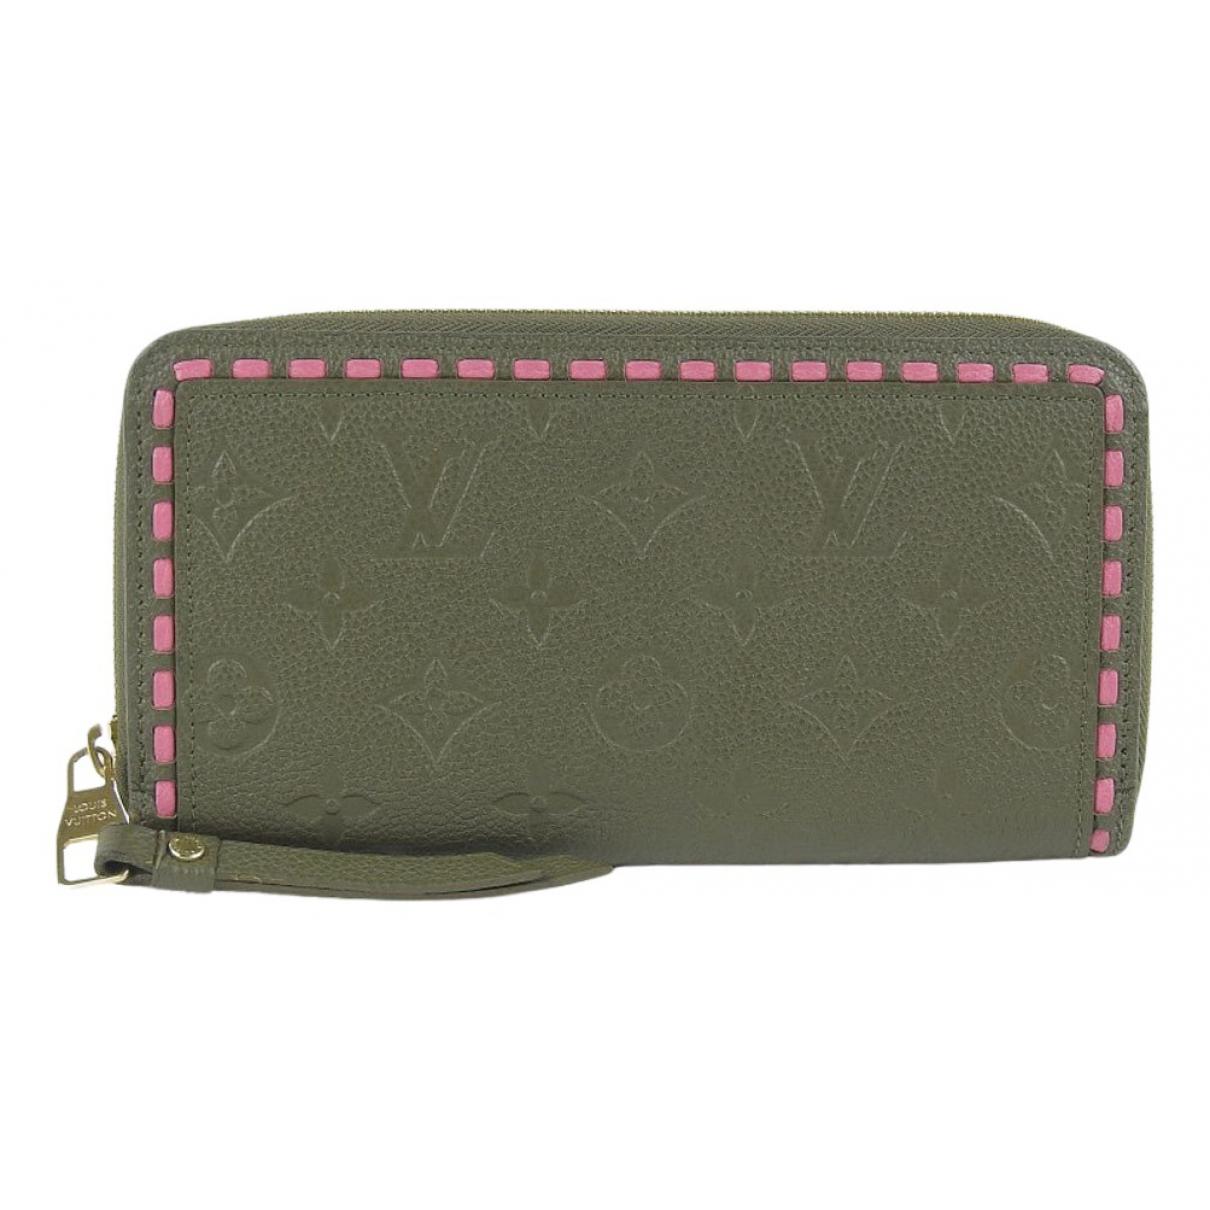 Louis Vuitton - Portefeuille Zippy pour femme en cuir - kaki